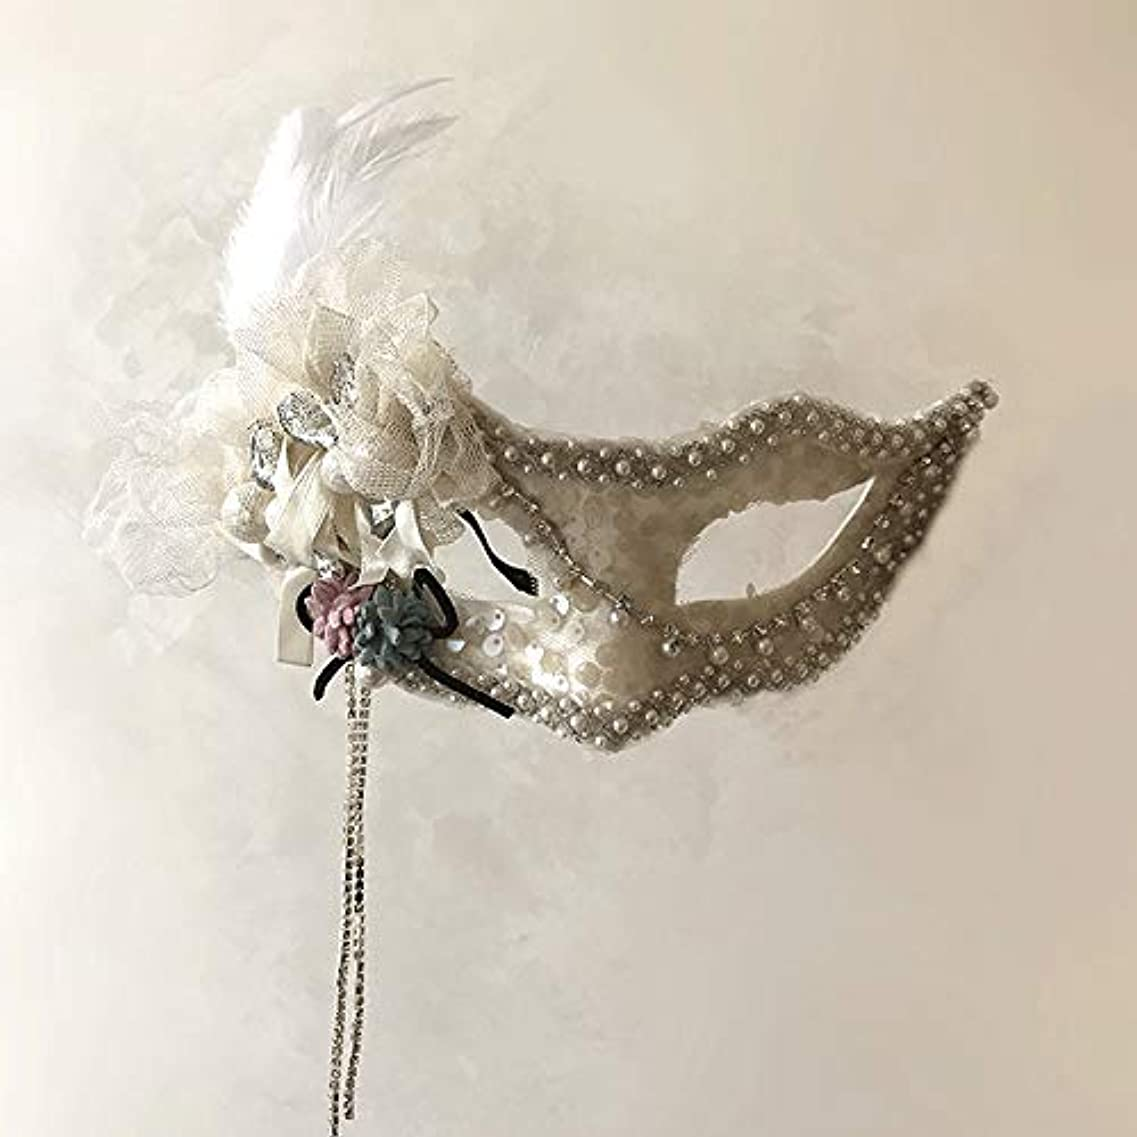 傘のホスト実験をするNanle ホワイトフェザーフラワーマスク仮装ボールアイマスクハロウィーンボールフリンジフェザーマスクパーティマスク女性レディセクシーマスク (色 : Style D)